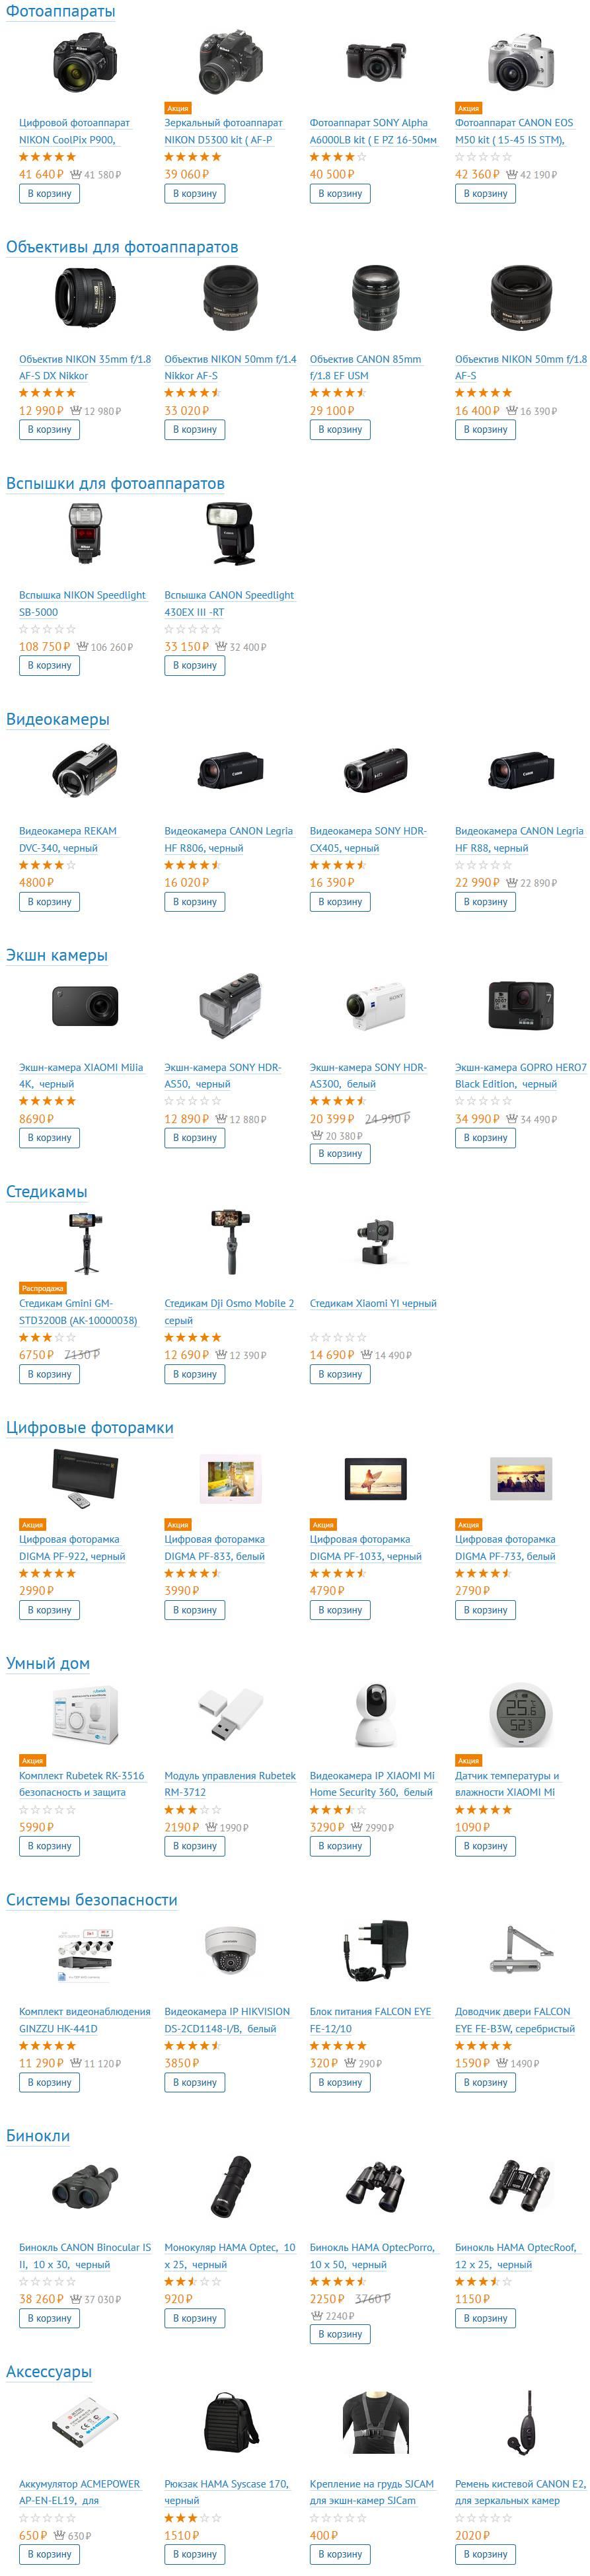 фотоаппараты видеокамеры